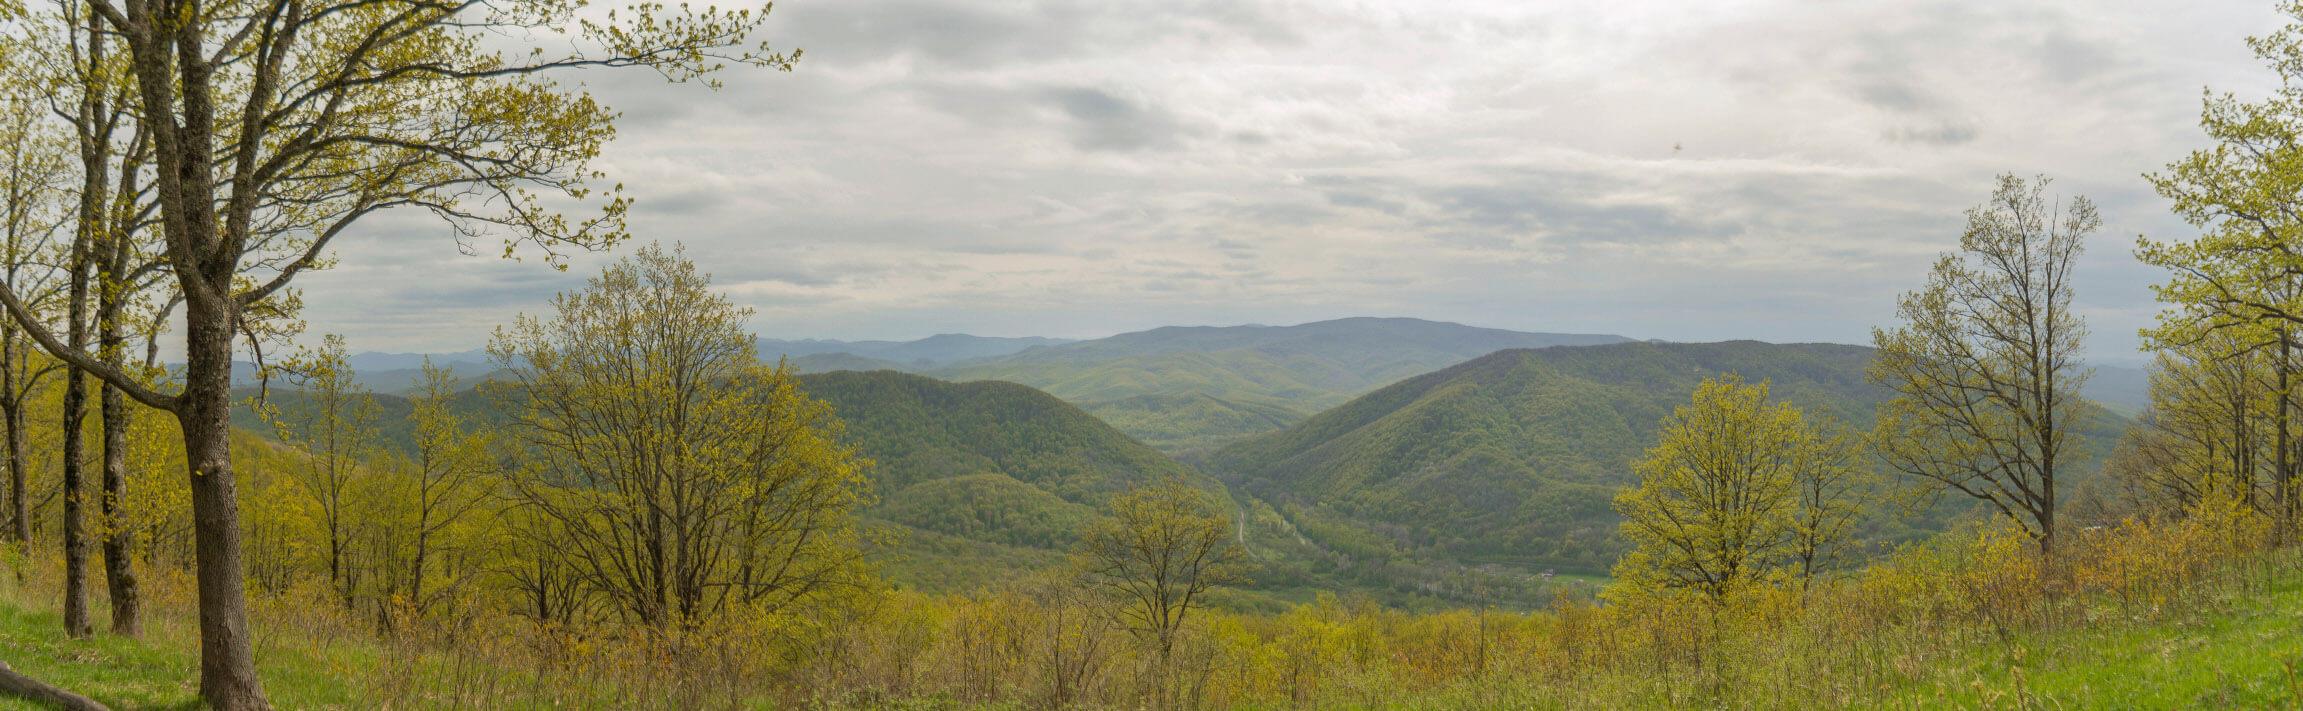 Панорама на юг с хребта Котх